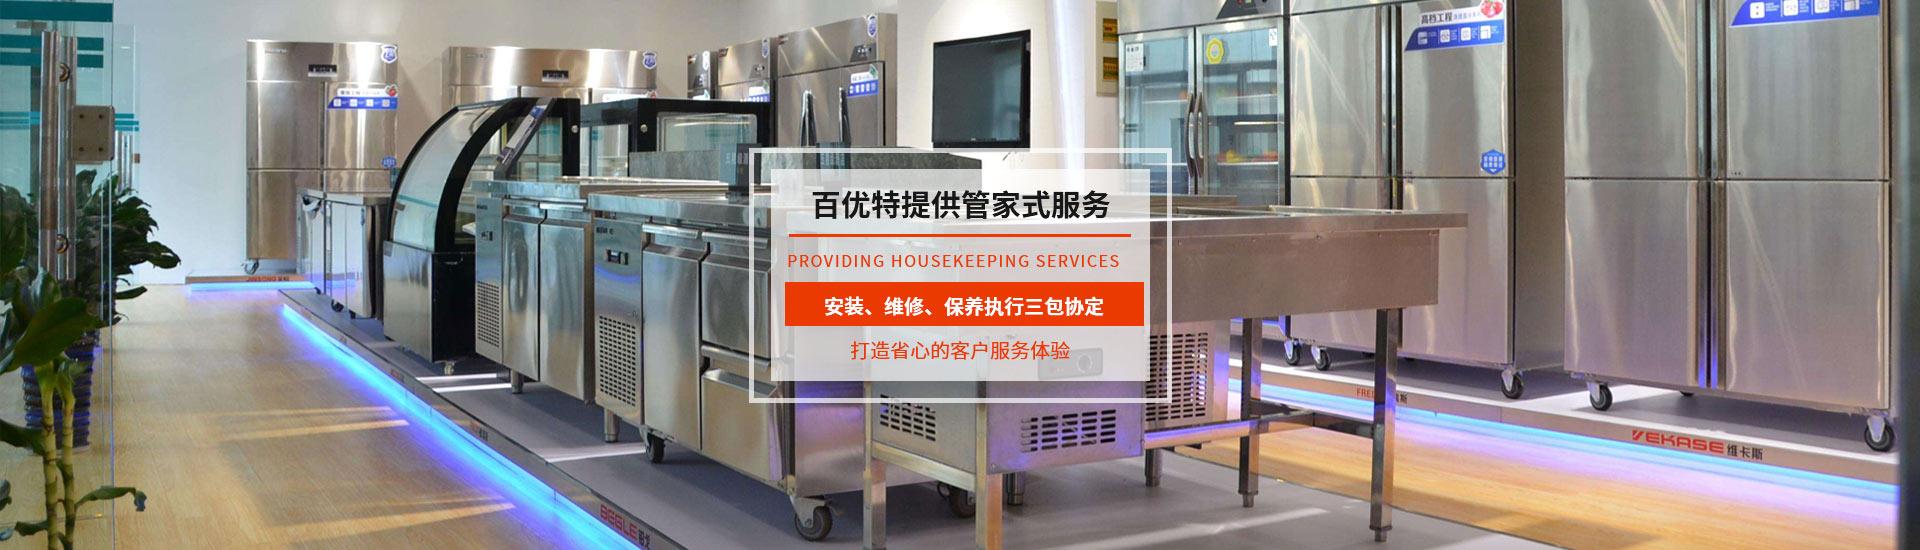 成都酒店厨房设备